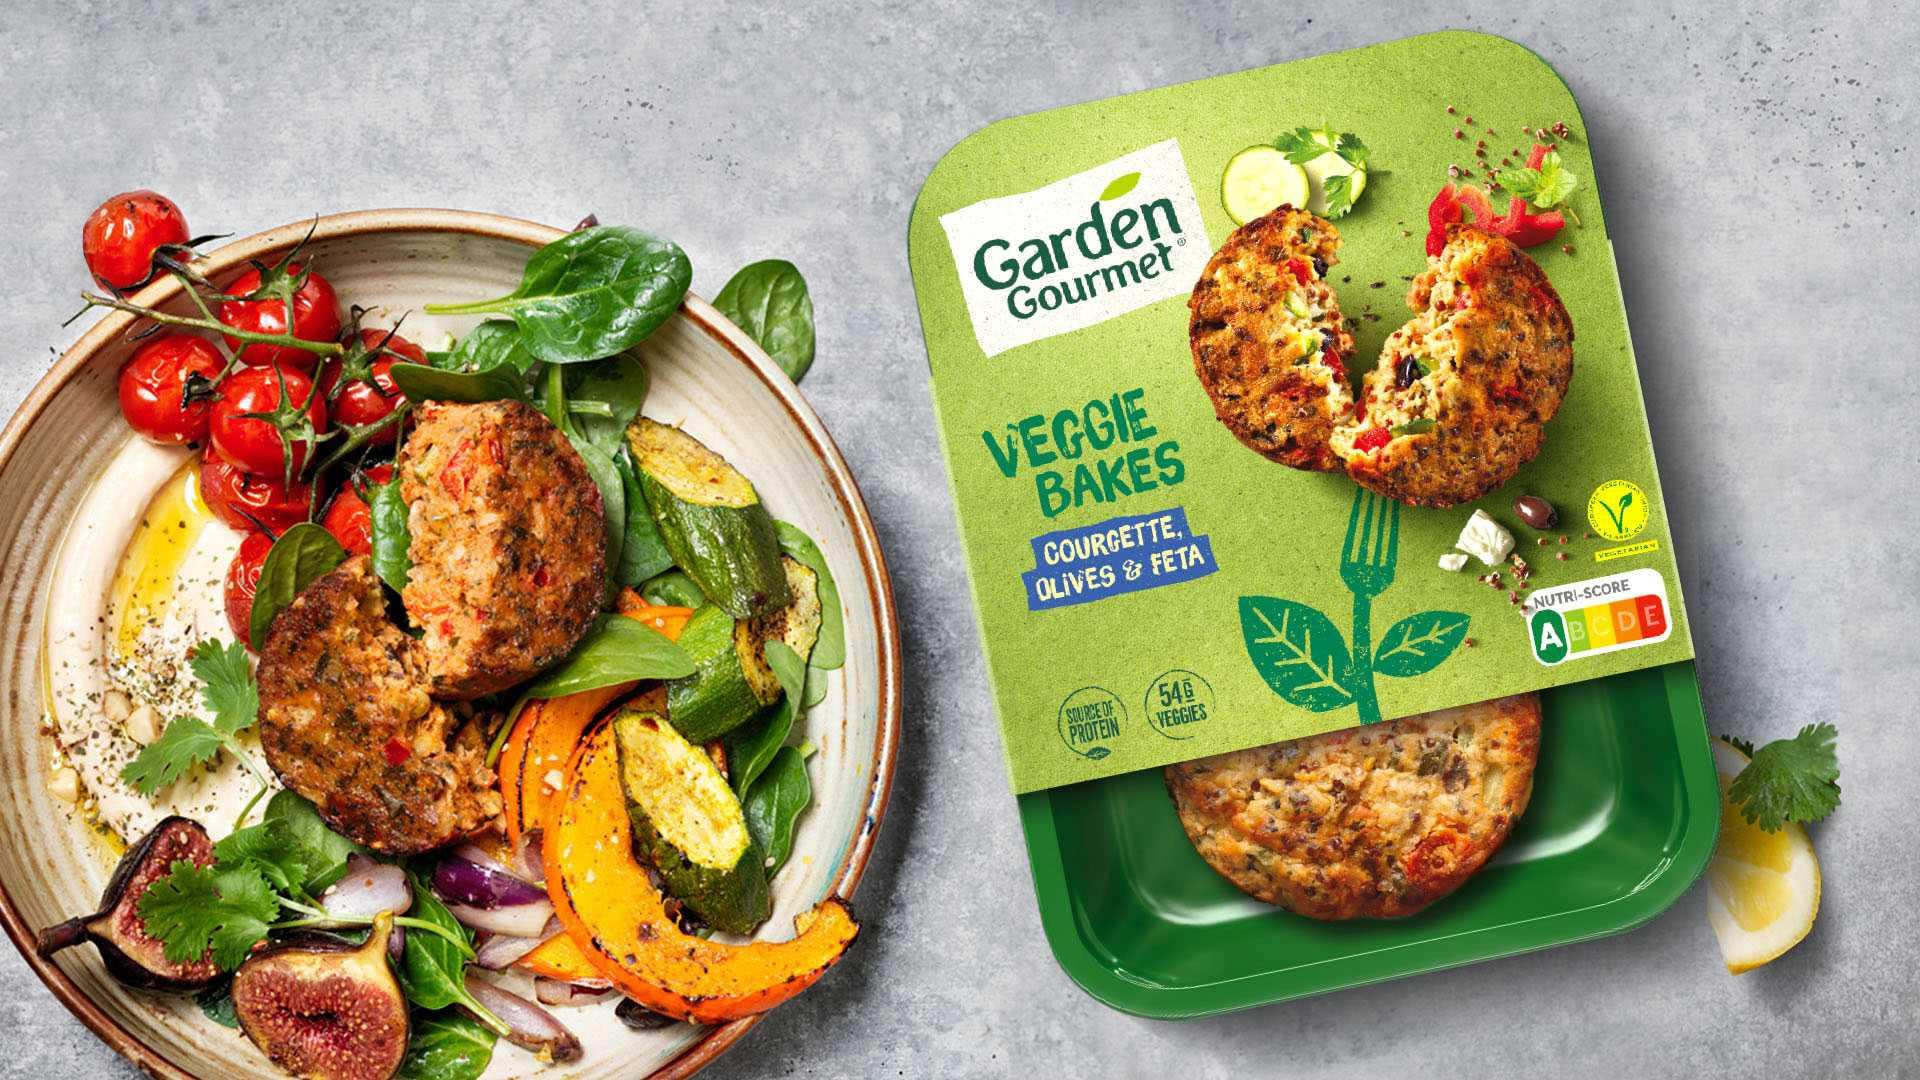 Нестле планирует расширение присутствия на рынке веганских продуктов Garden Gourmet